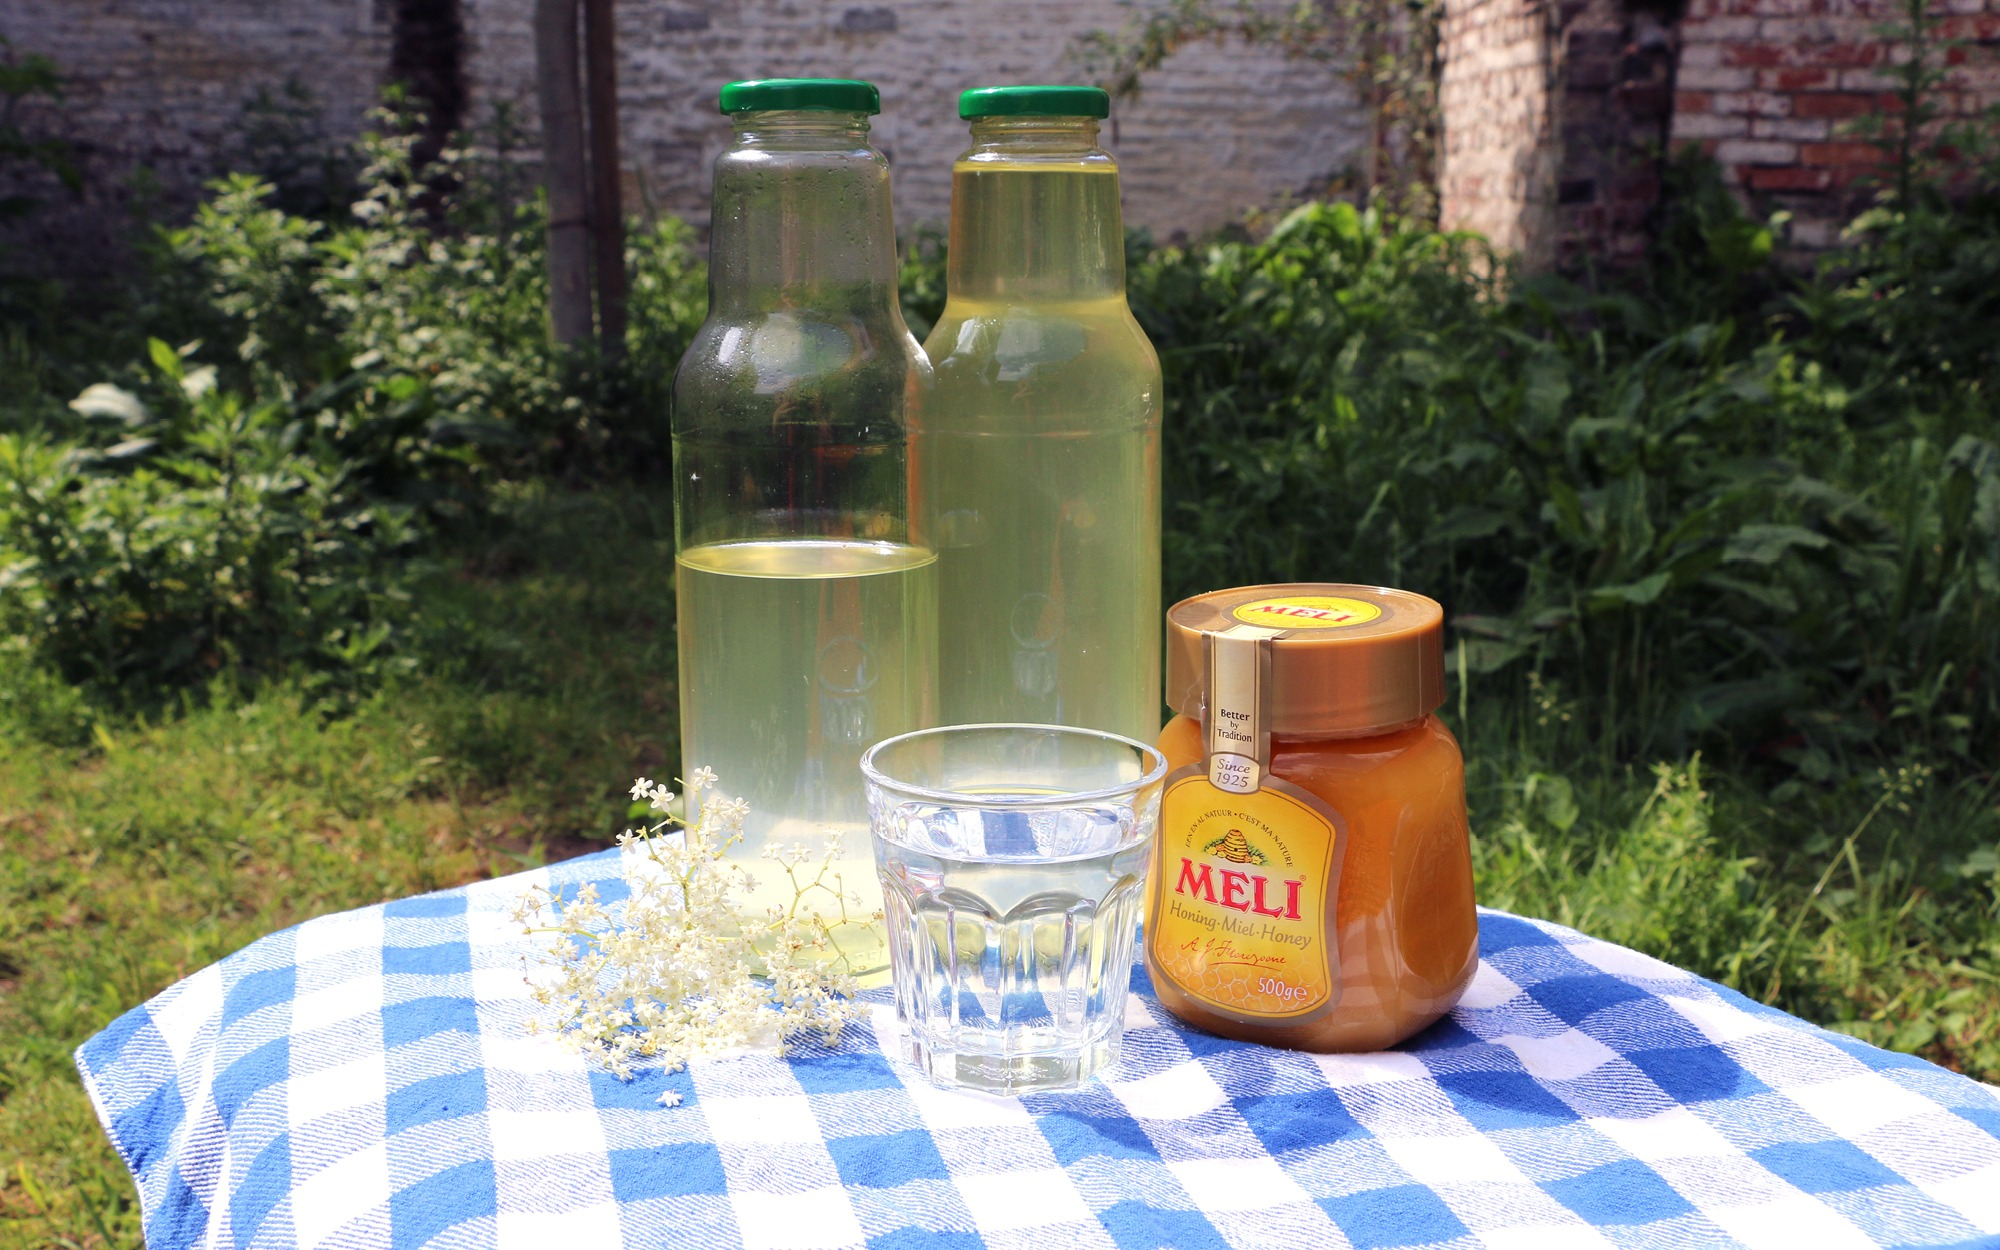 Sirop de fleur de sureau au miel